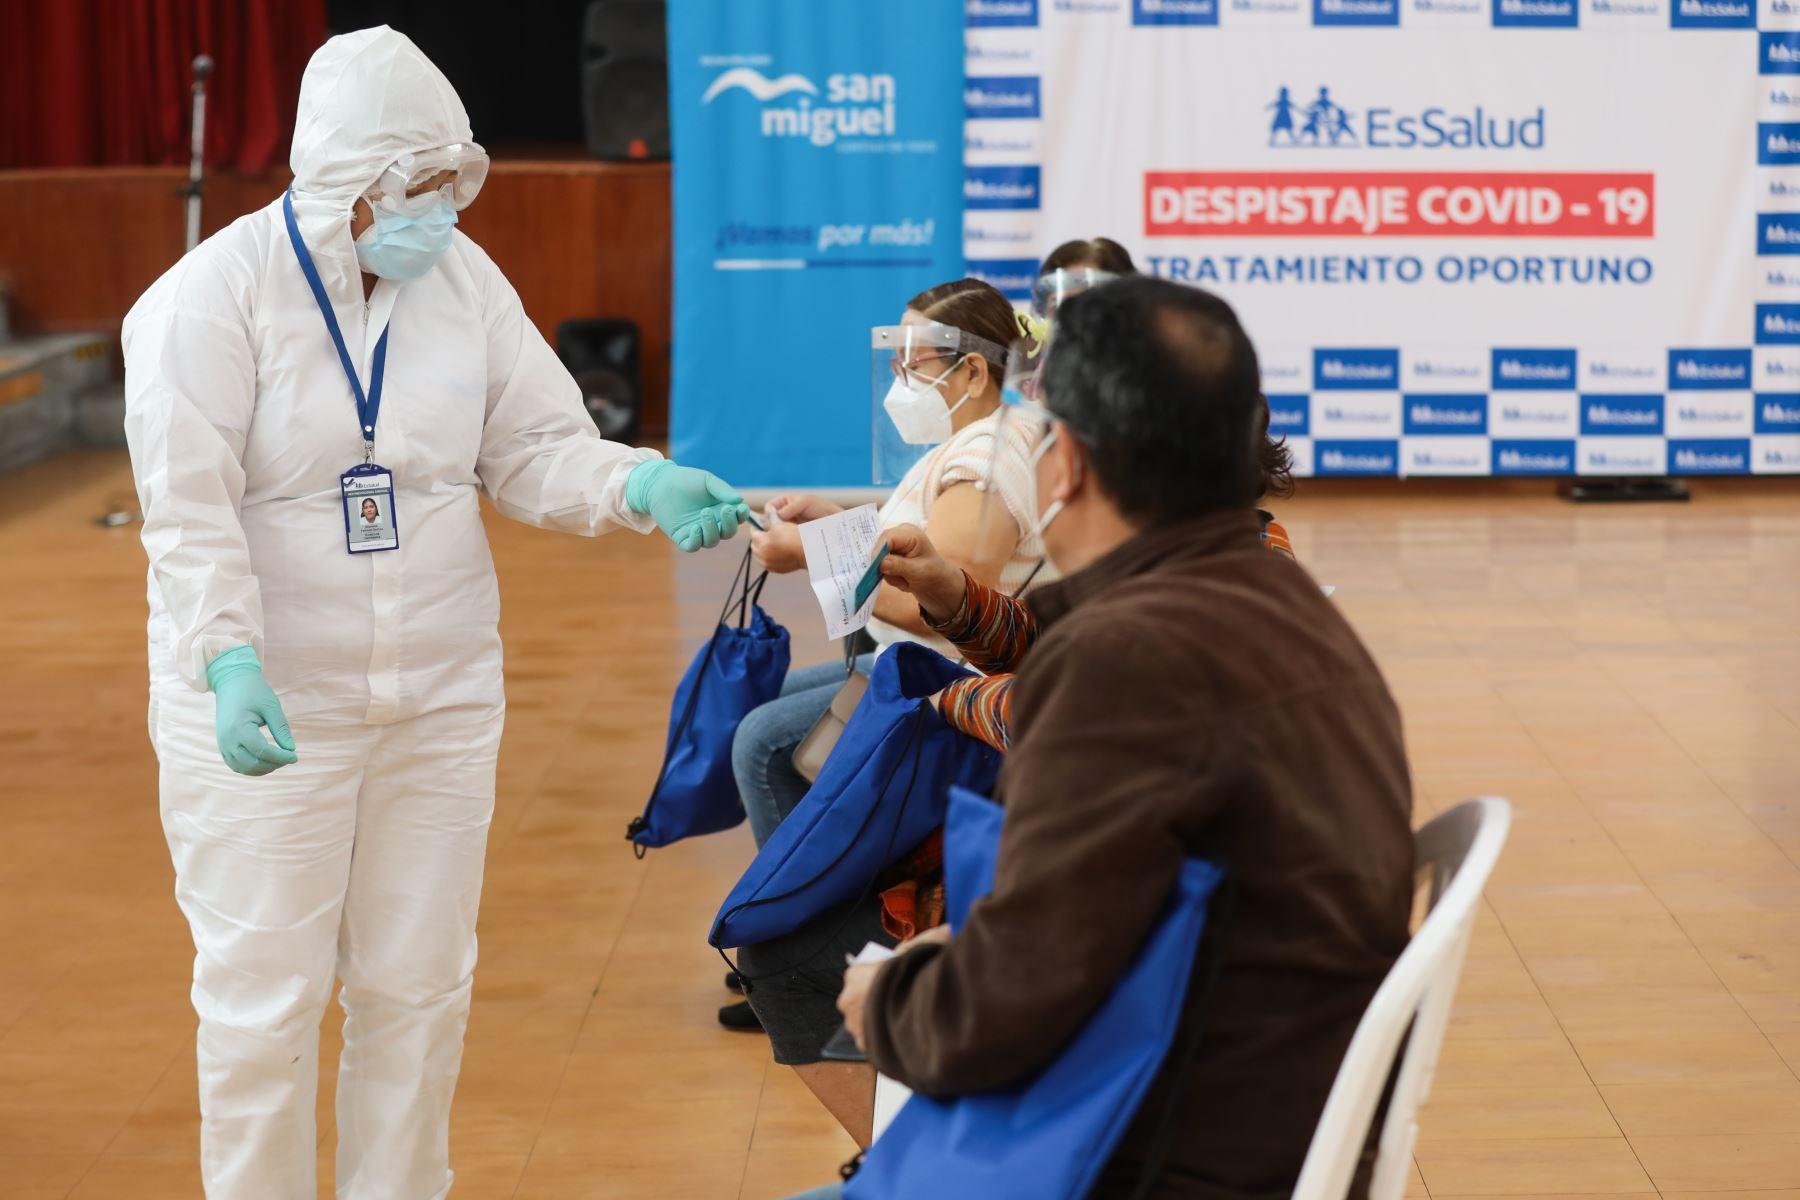 """EsSalud realiza la campaña """" Essalud te cuida """" que ofrece servicios de  descarte de Covid y entrega de tratamiento, además de  vacunaciones contra la influenza y neumococo.Hasta el momento  han  vacunado  81,412 pacientes contra la Influenza y 98,041 contra el neumococo. Foto: Essalud"""